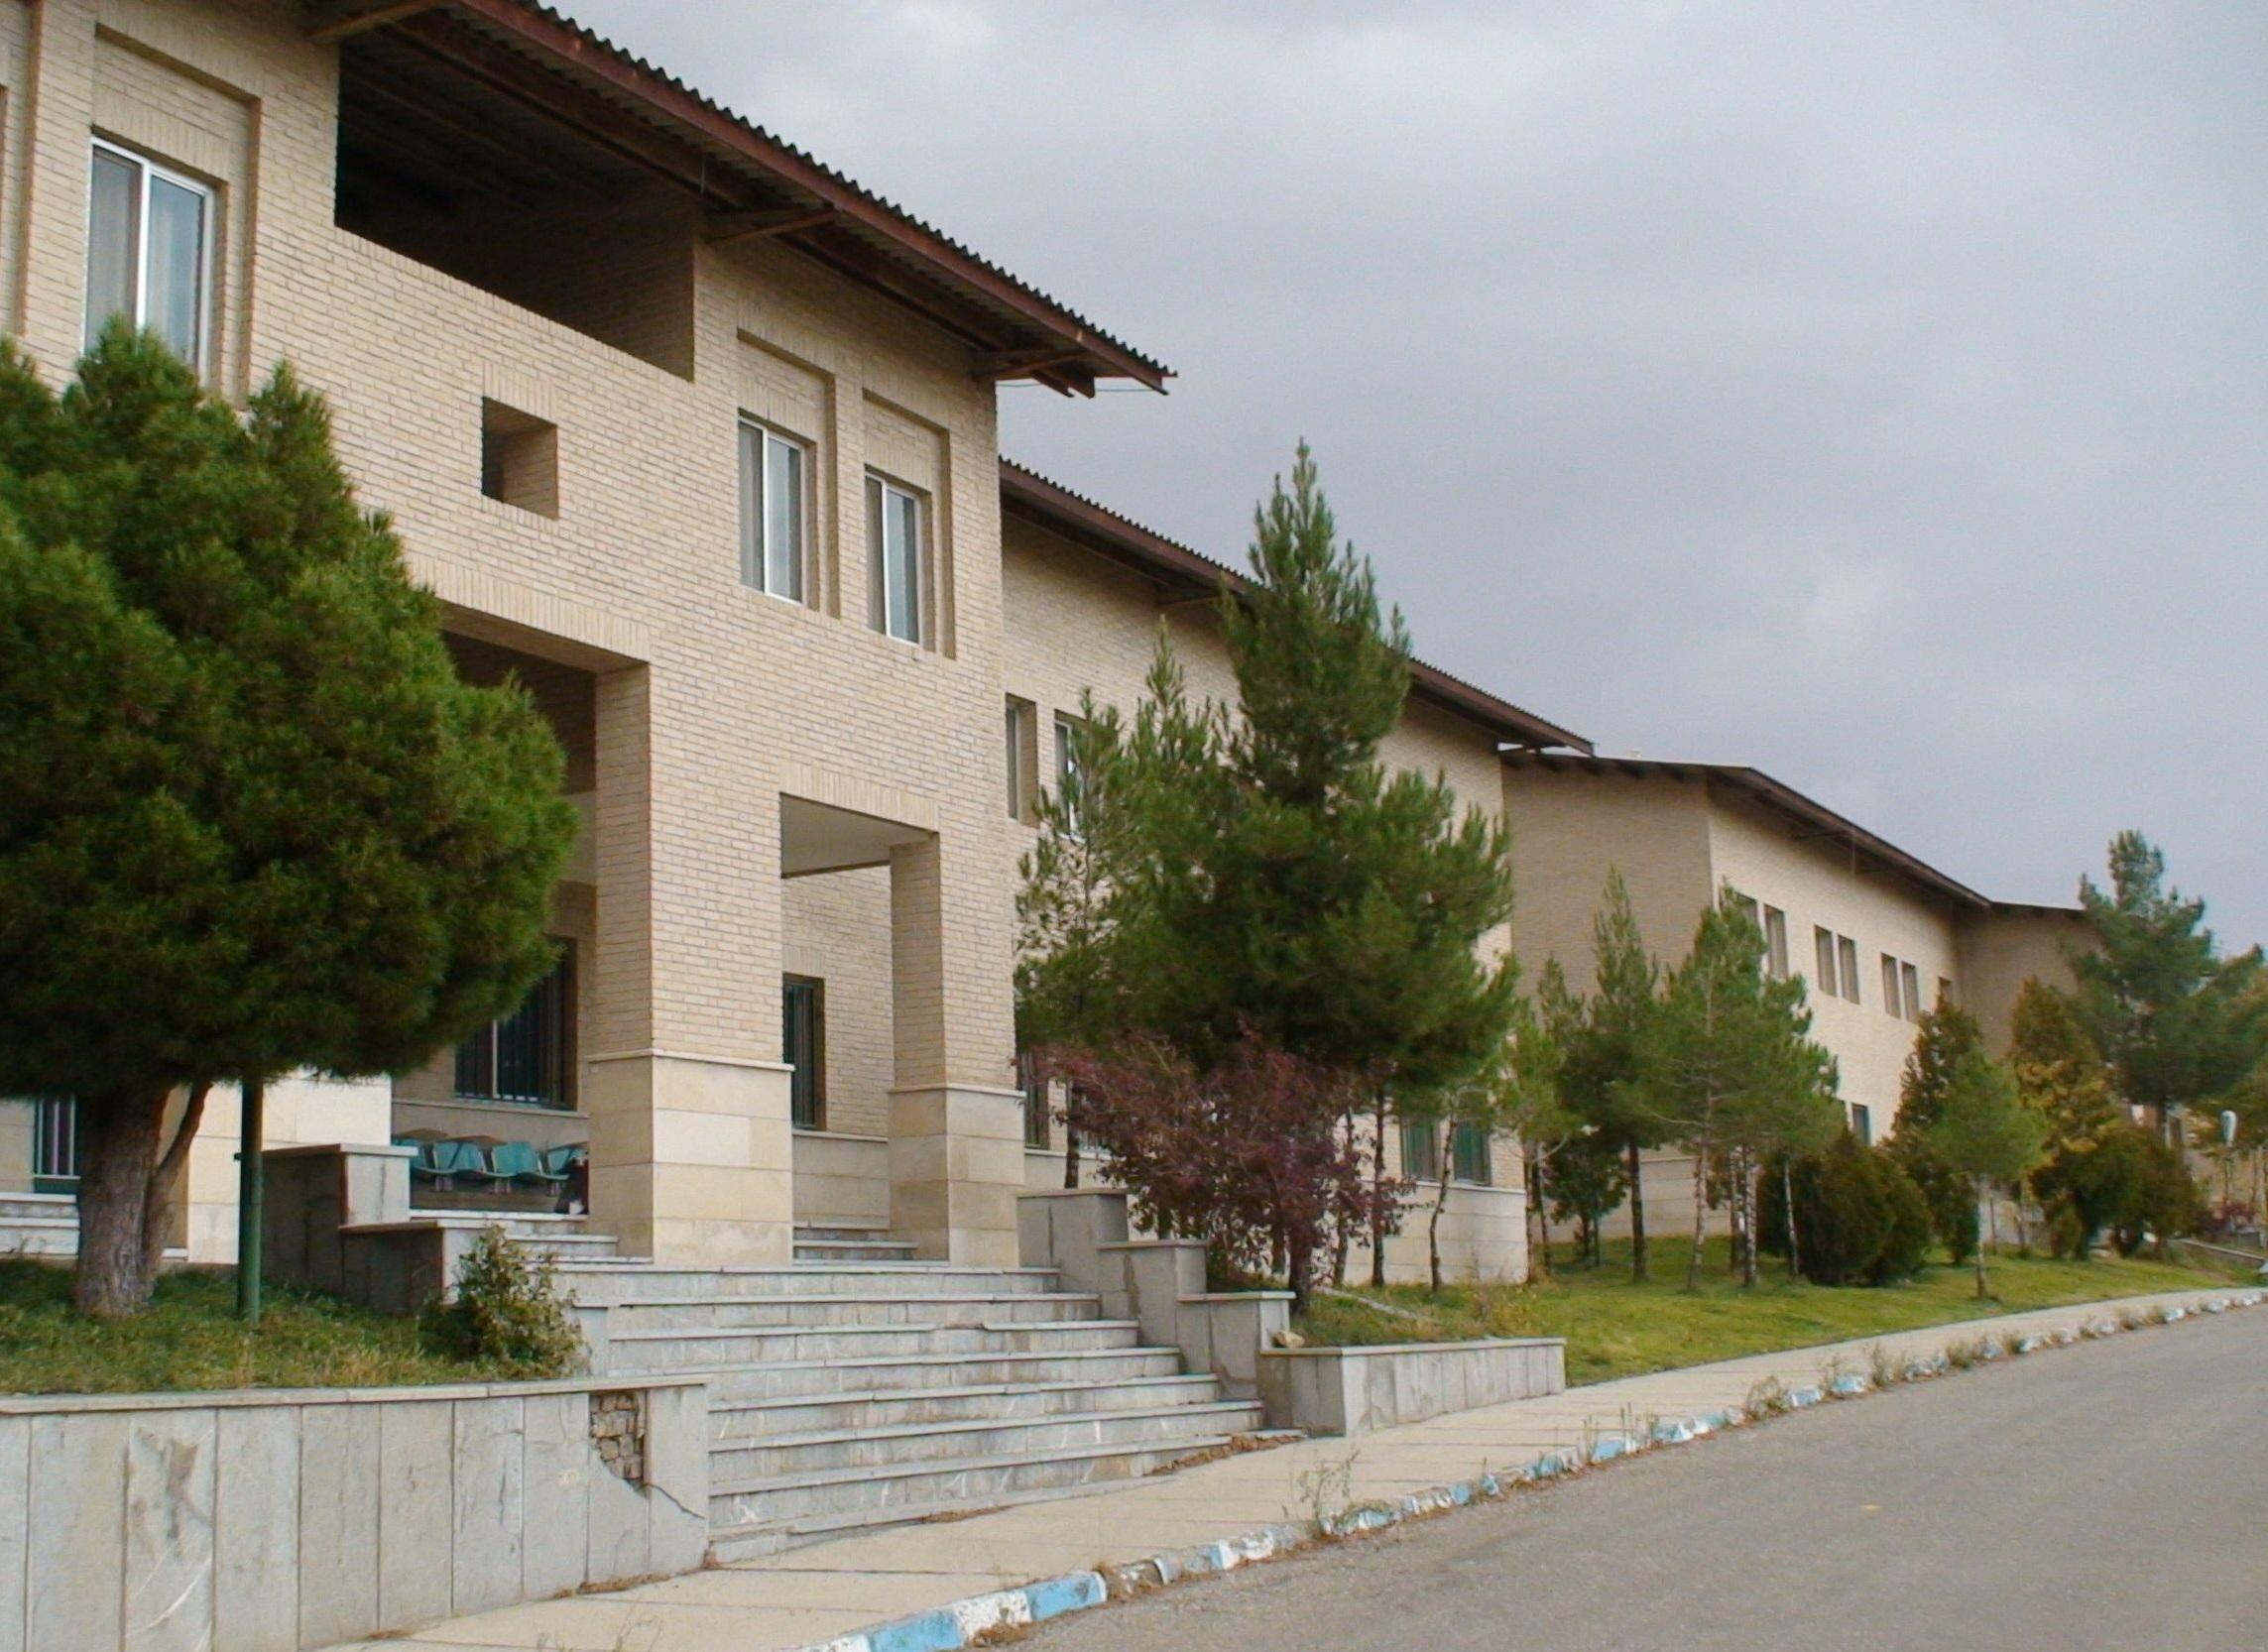 دانشگاه فرهنگیان شهید میرشاکی